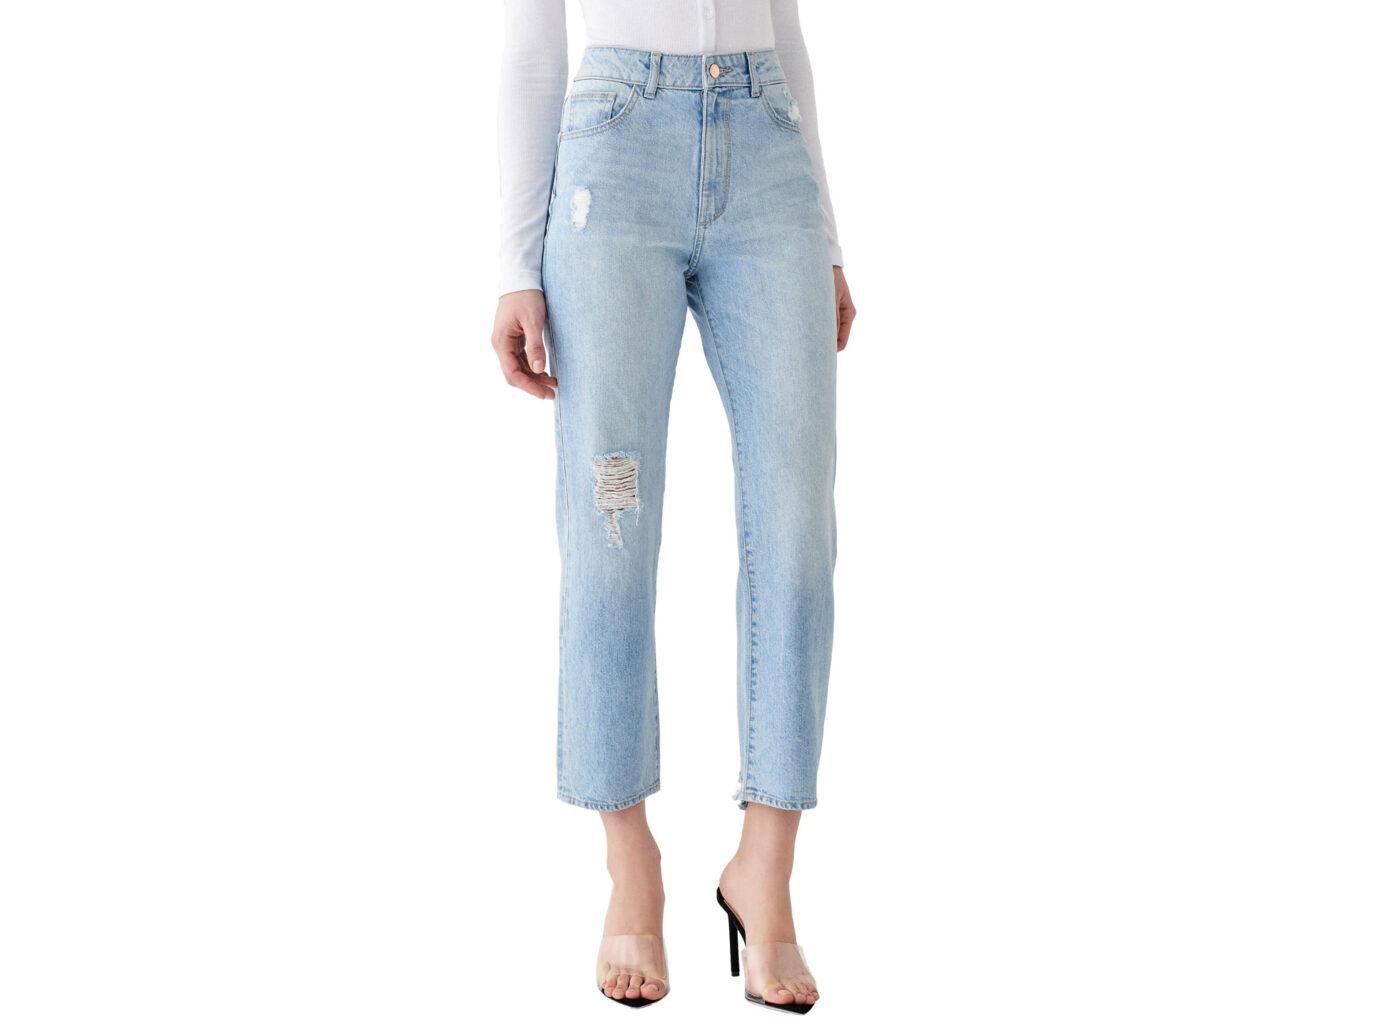 DL1961 x Marianna Hewitt Jerry Straight Leg Jeans